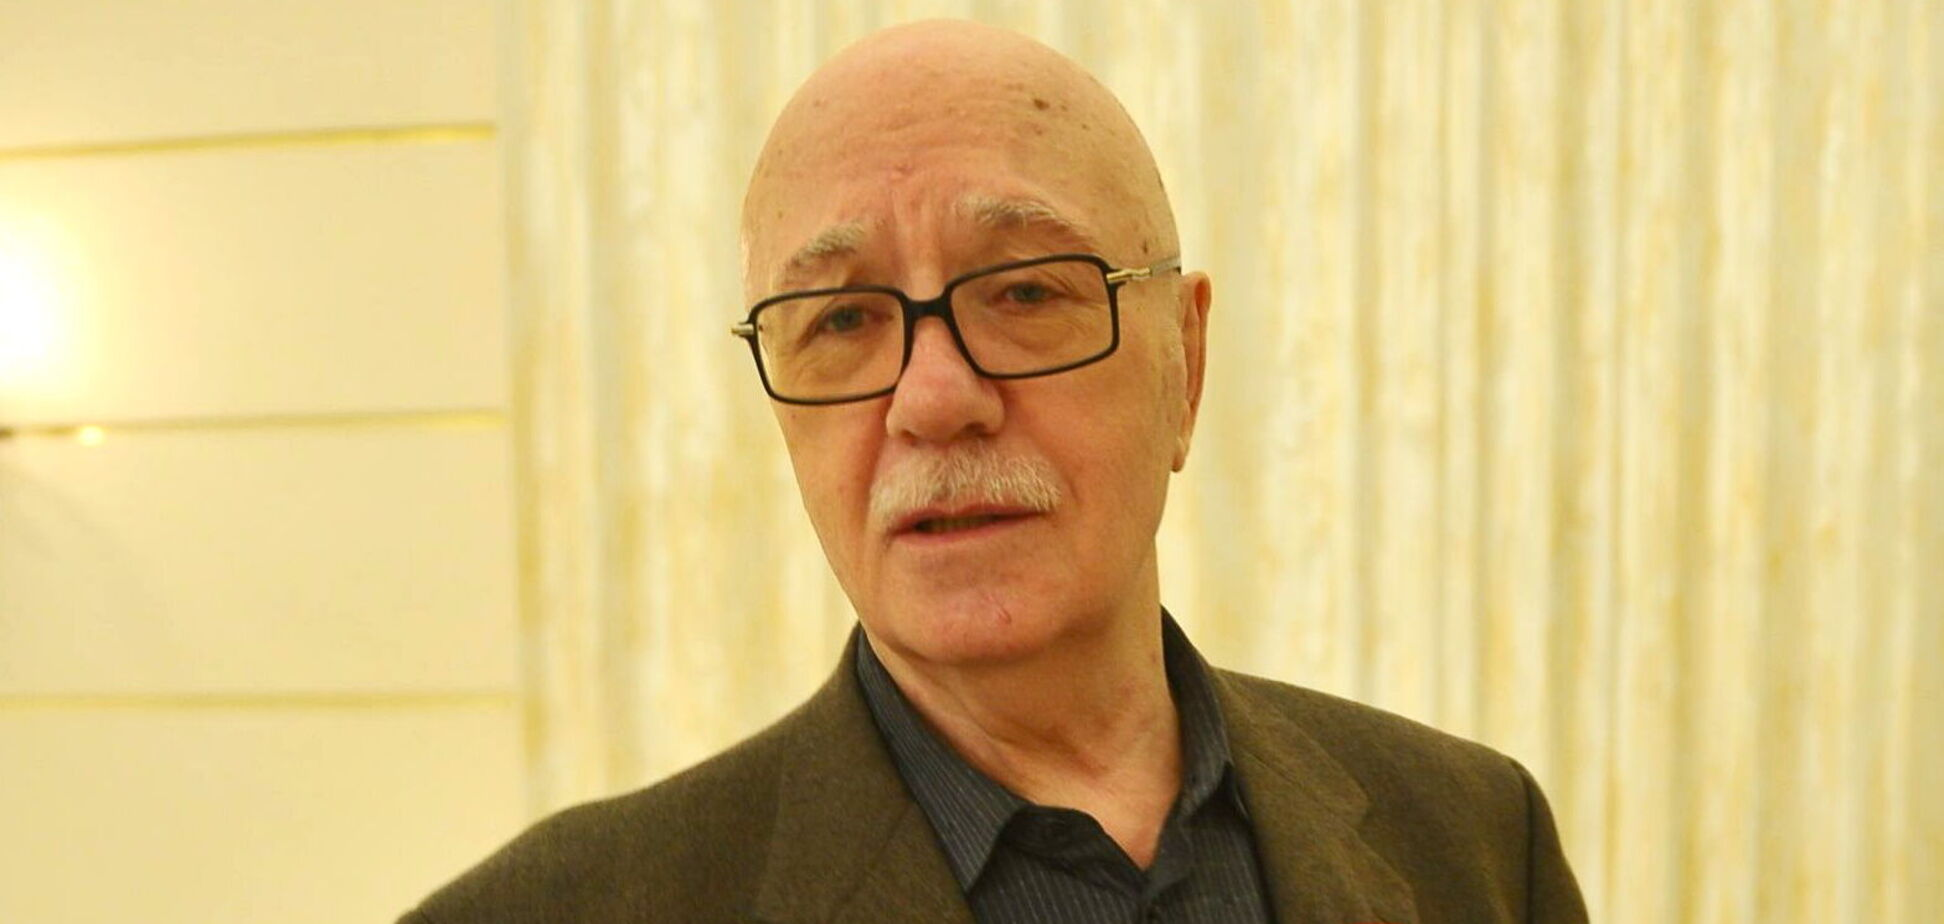 Звезда 'Афони' Леонид Куравлев исчез в России